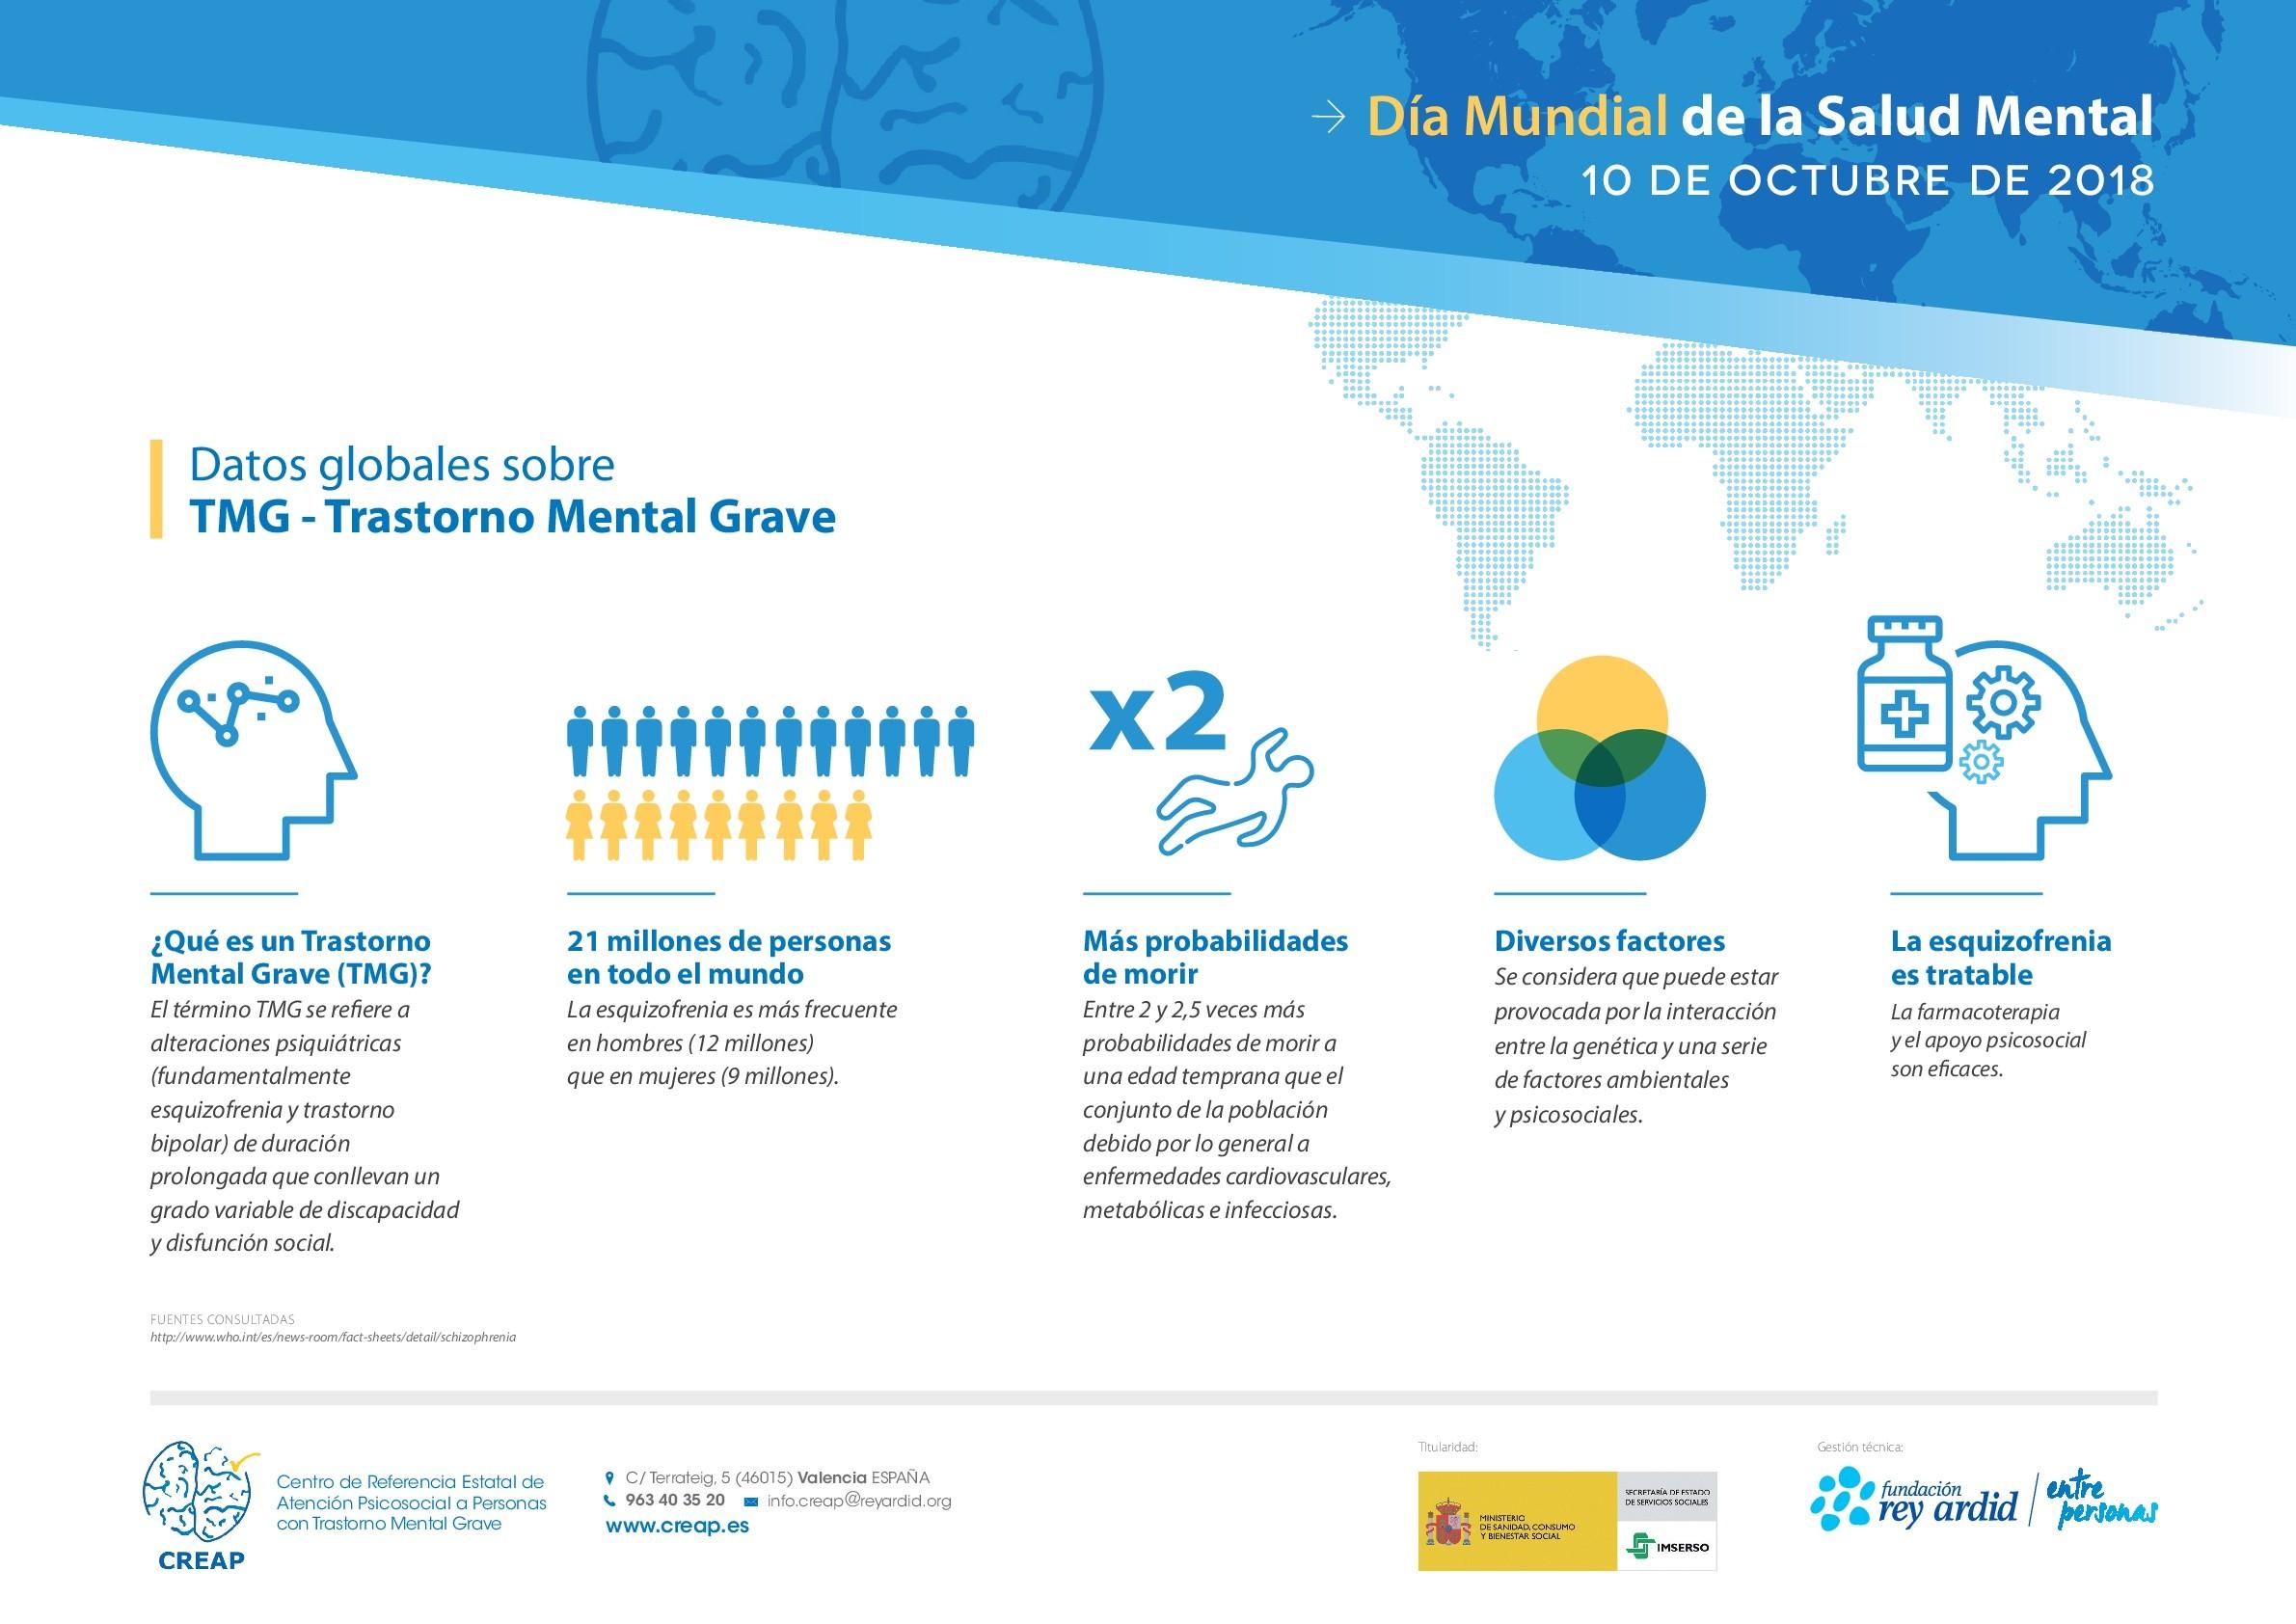 Datos globales sobre el Trastorno Mental Grave Acceso a la galera